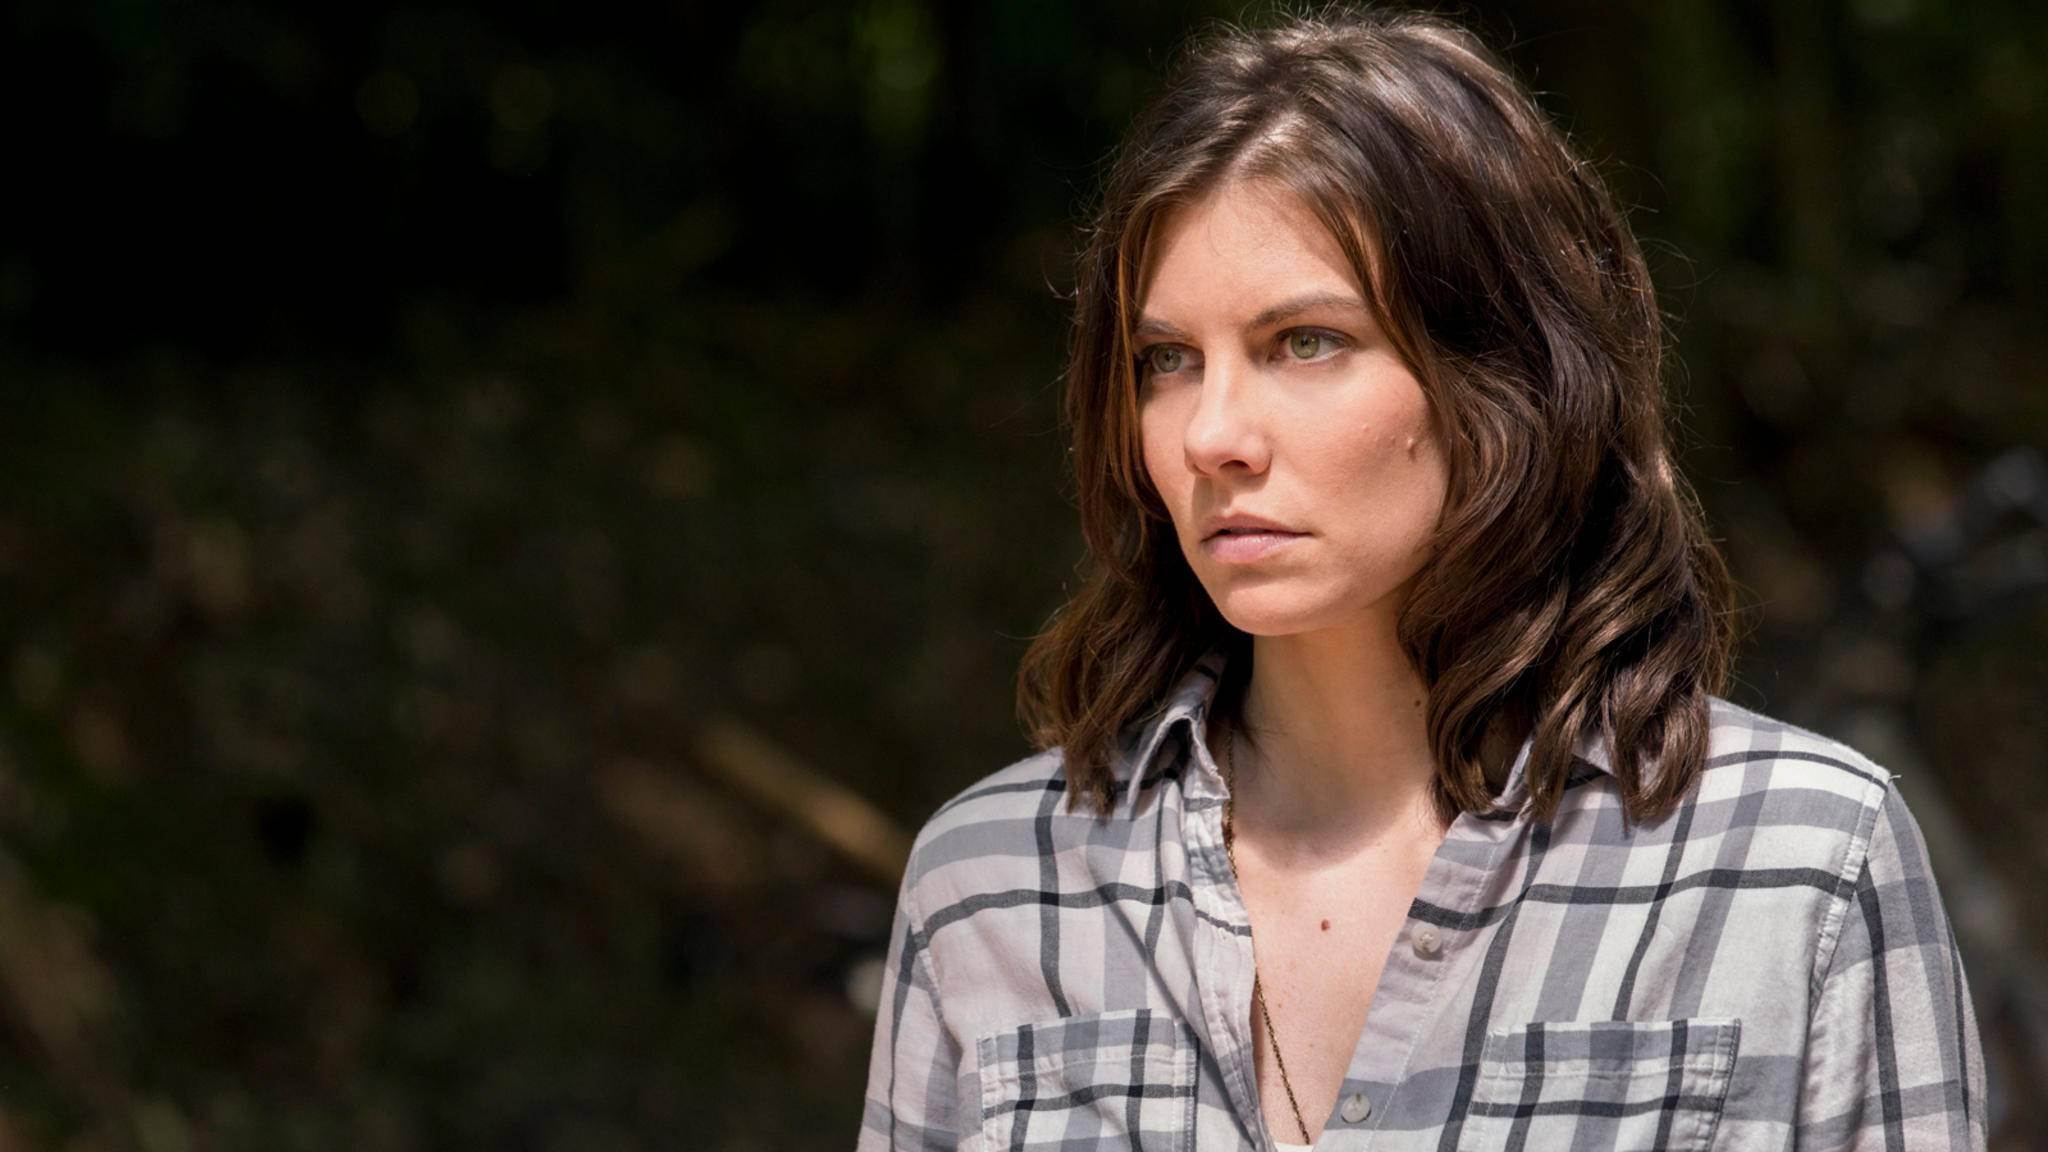 """Maggie musste sich in """"The Walking Dead"""" einigen harten Situationen stellen. Das ließ auch Darstellerin Lauren Cohan nicht kalt."""